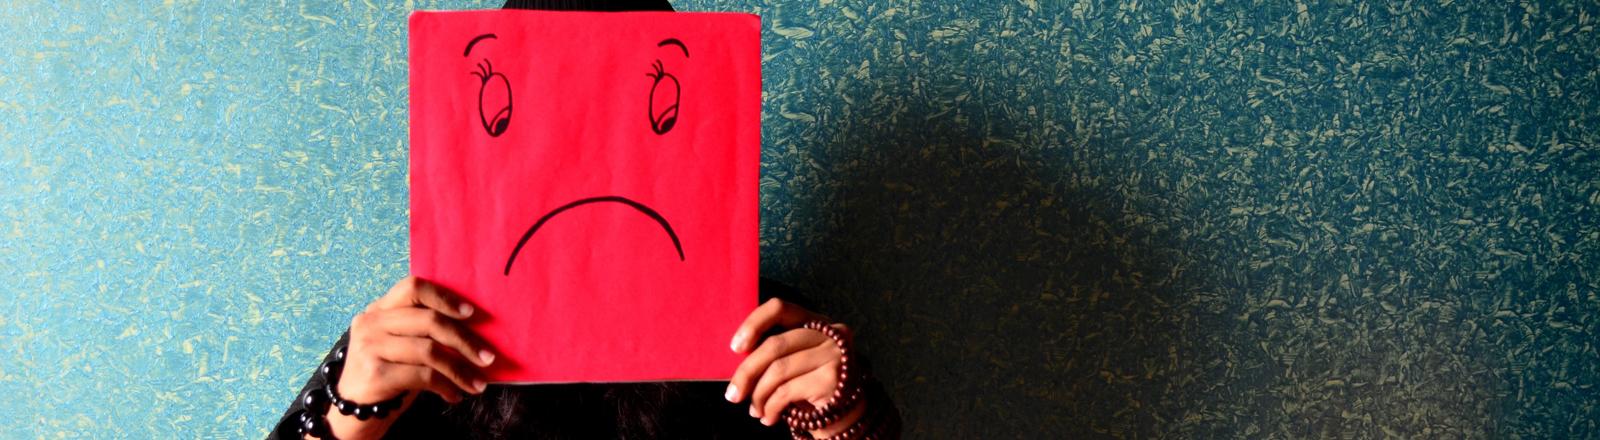 Symbolbild für Psychische Erkrankungen